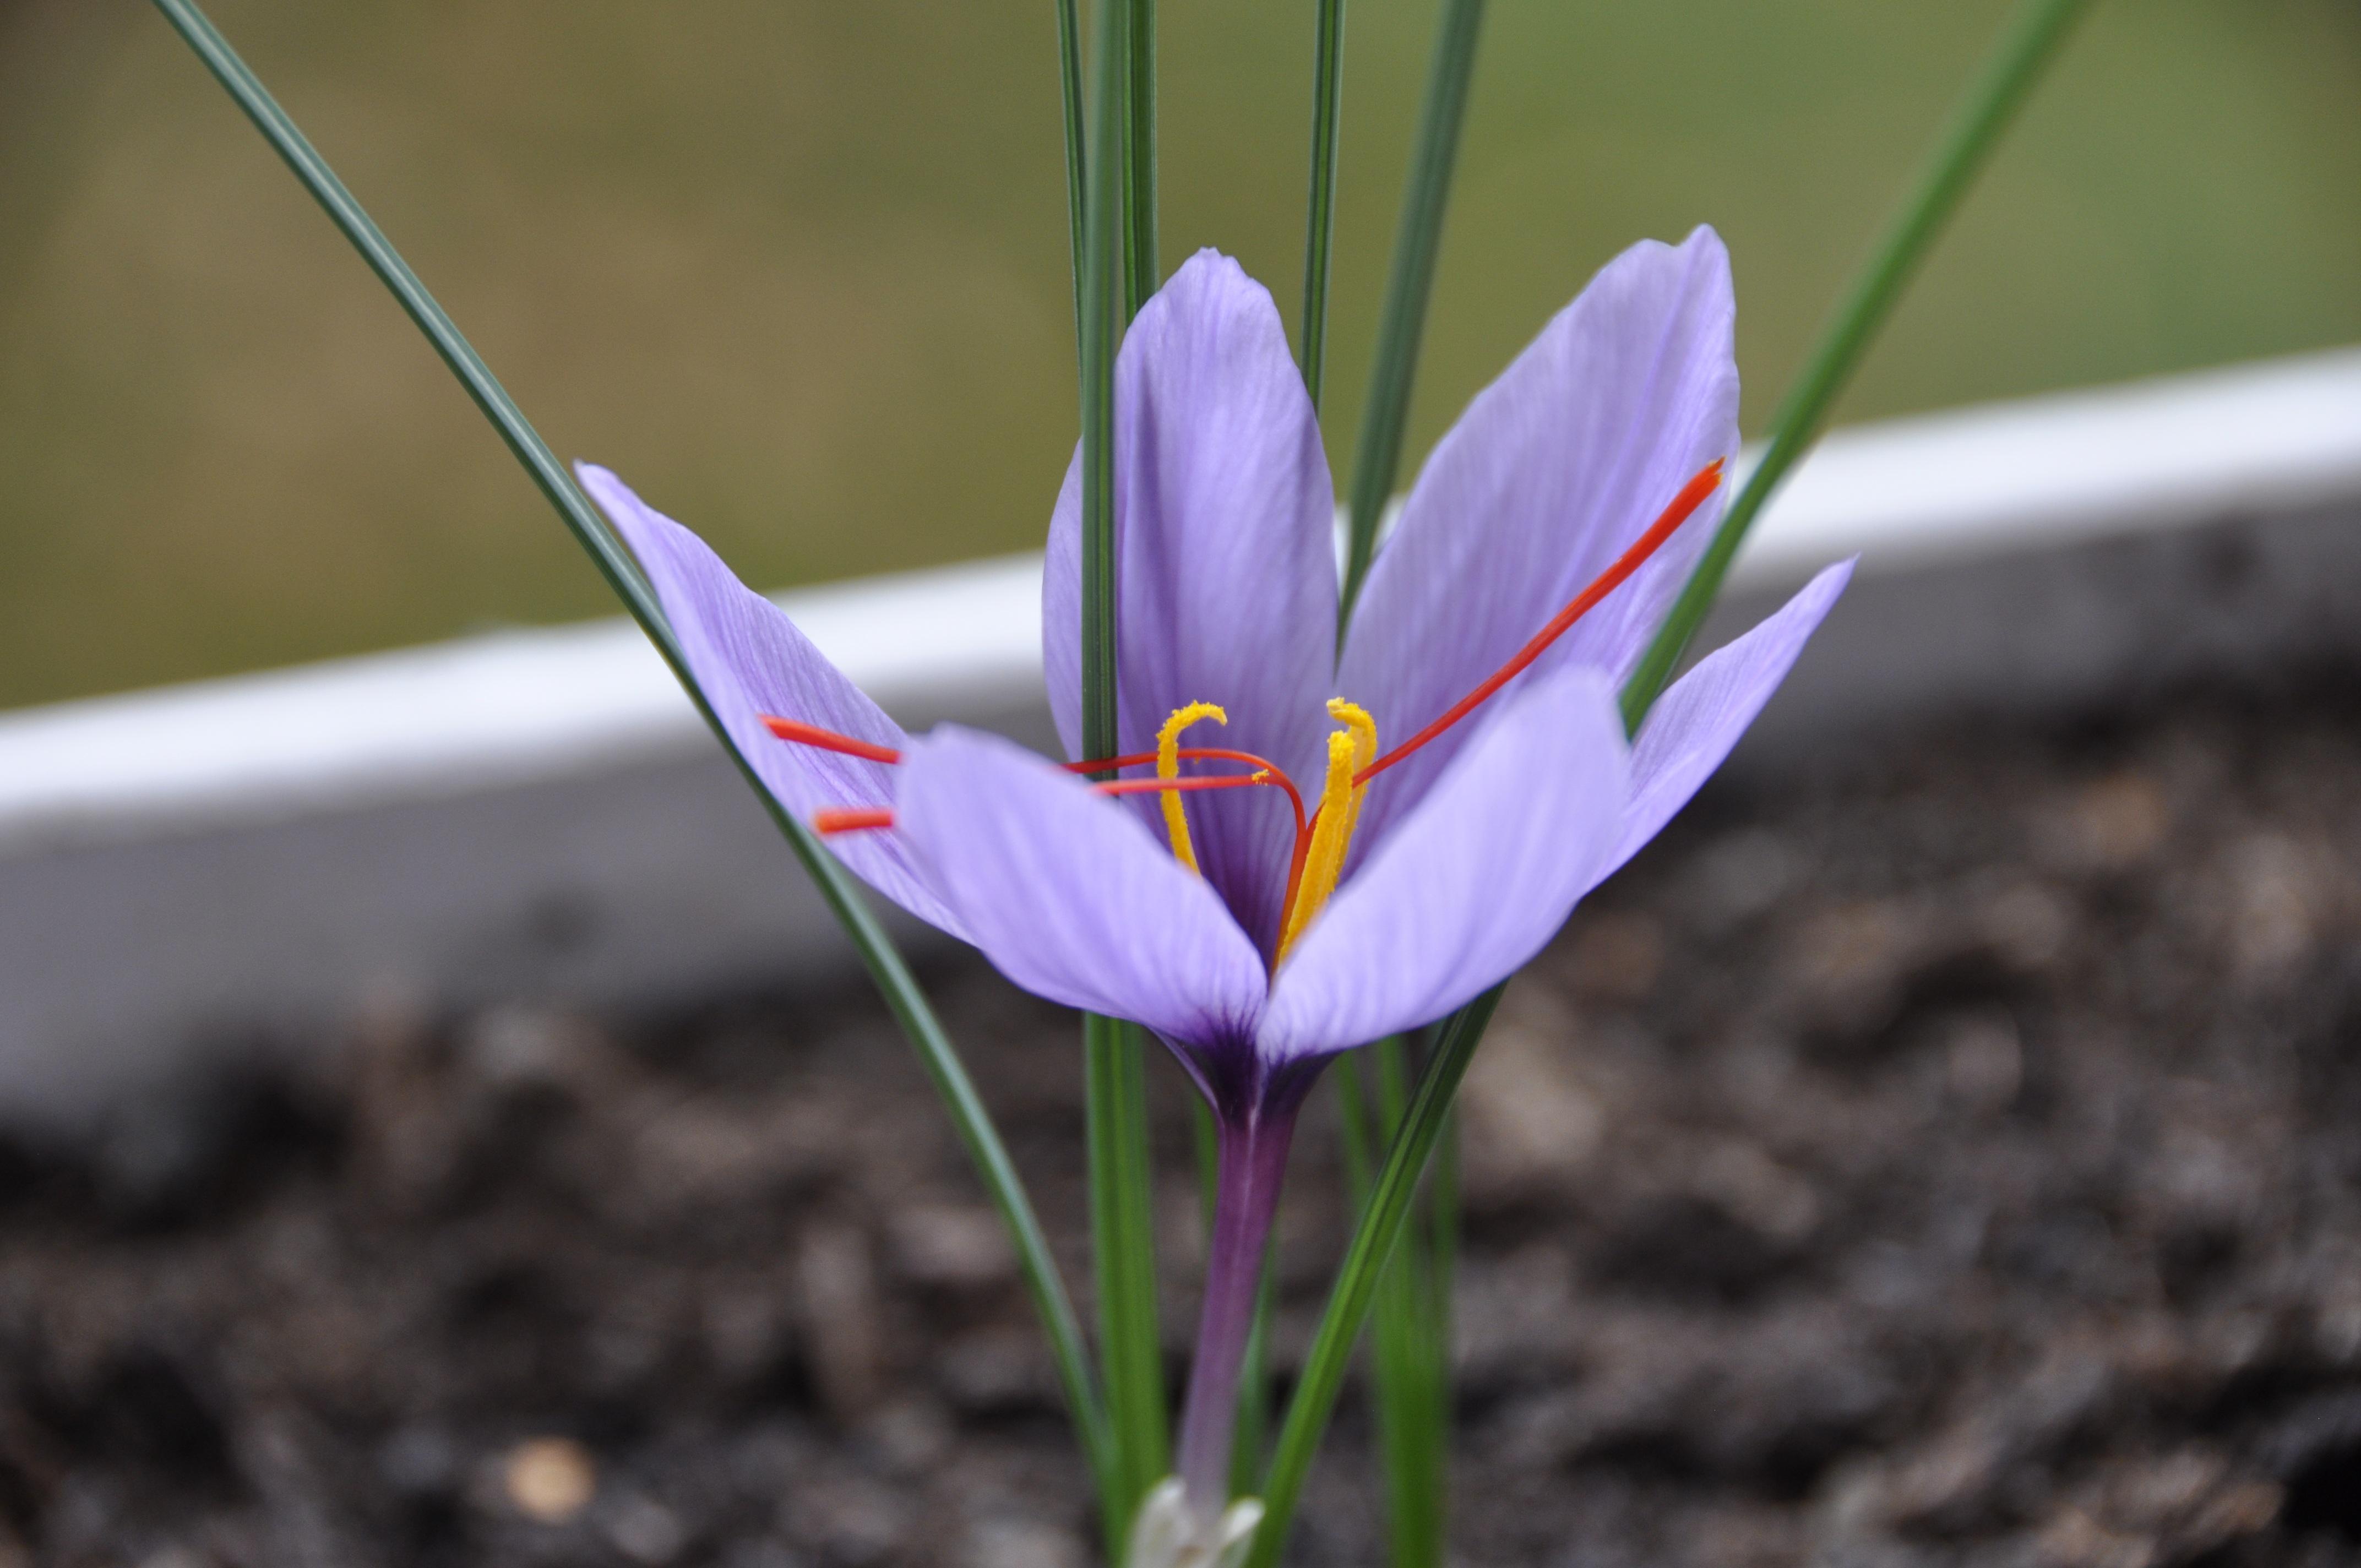 пуританскую сдержанность трава шафран фото более теплых областях